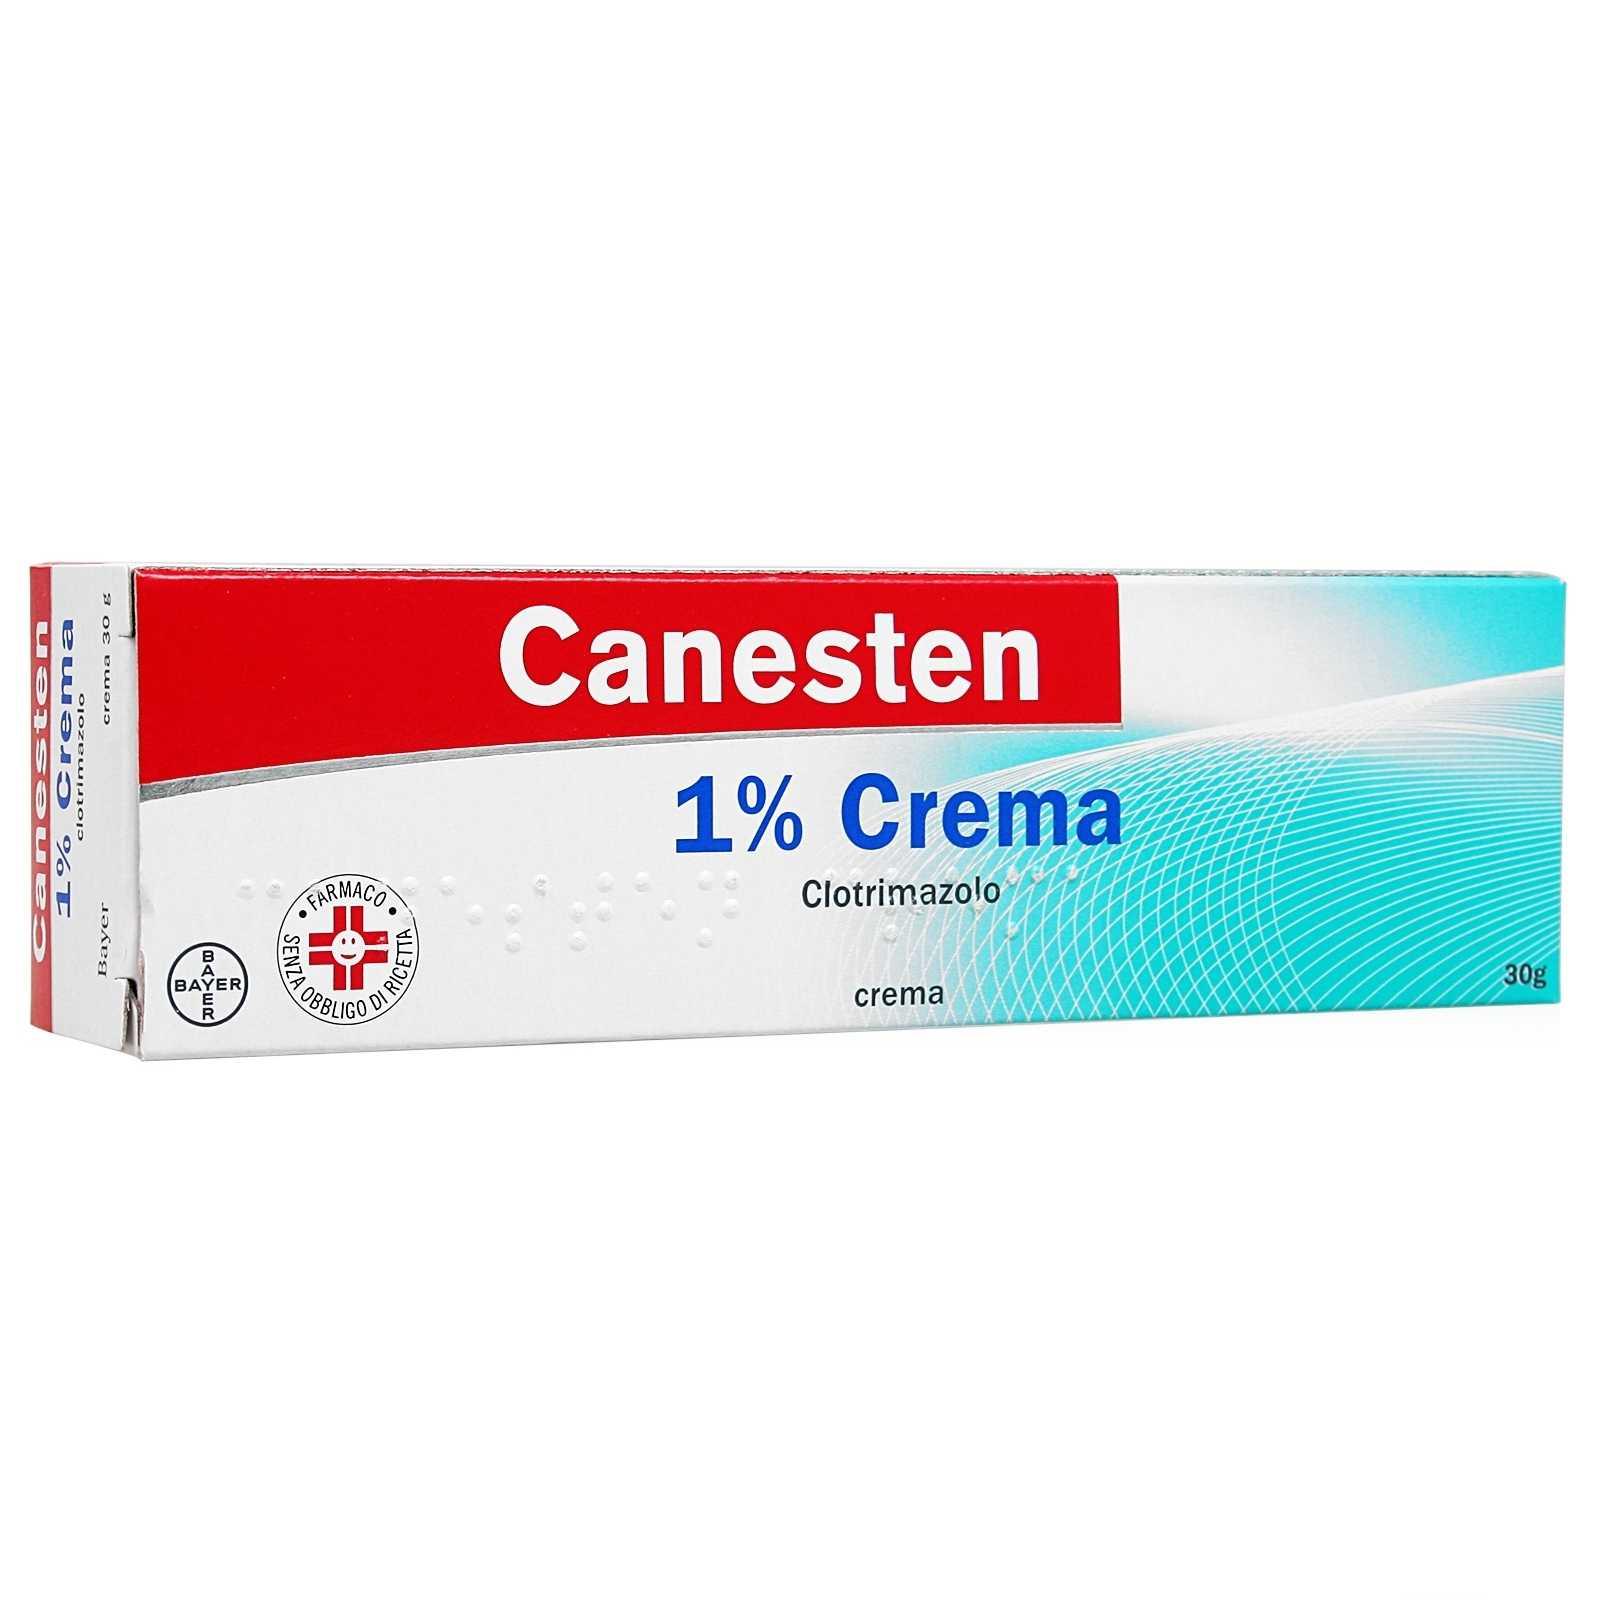 Canesten - Crema 1%